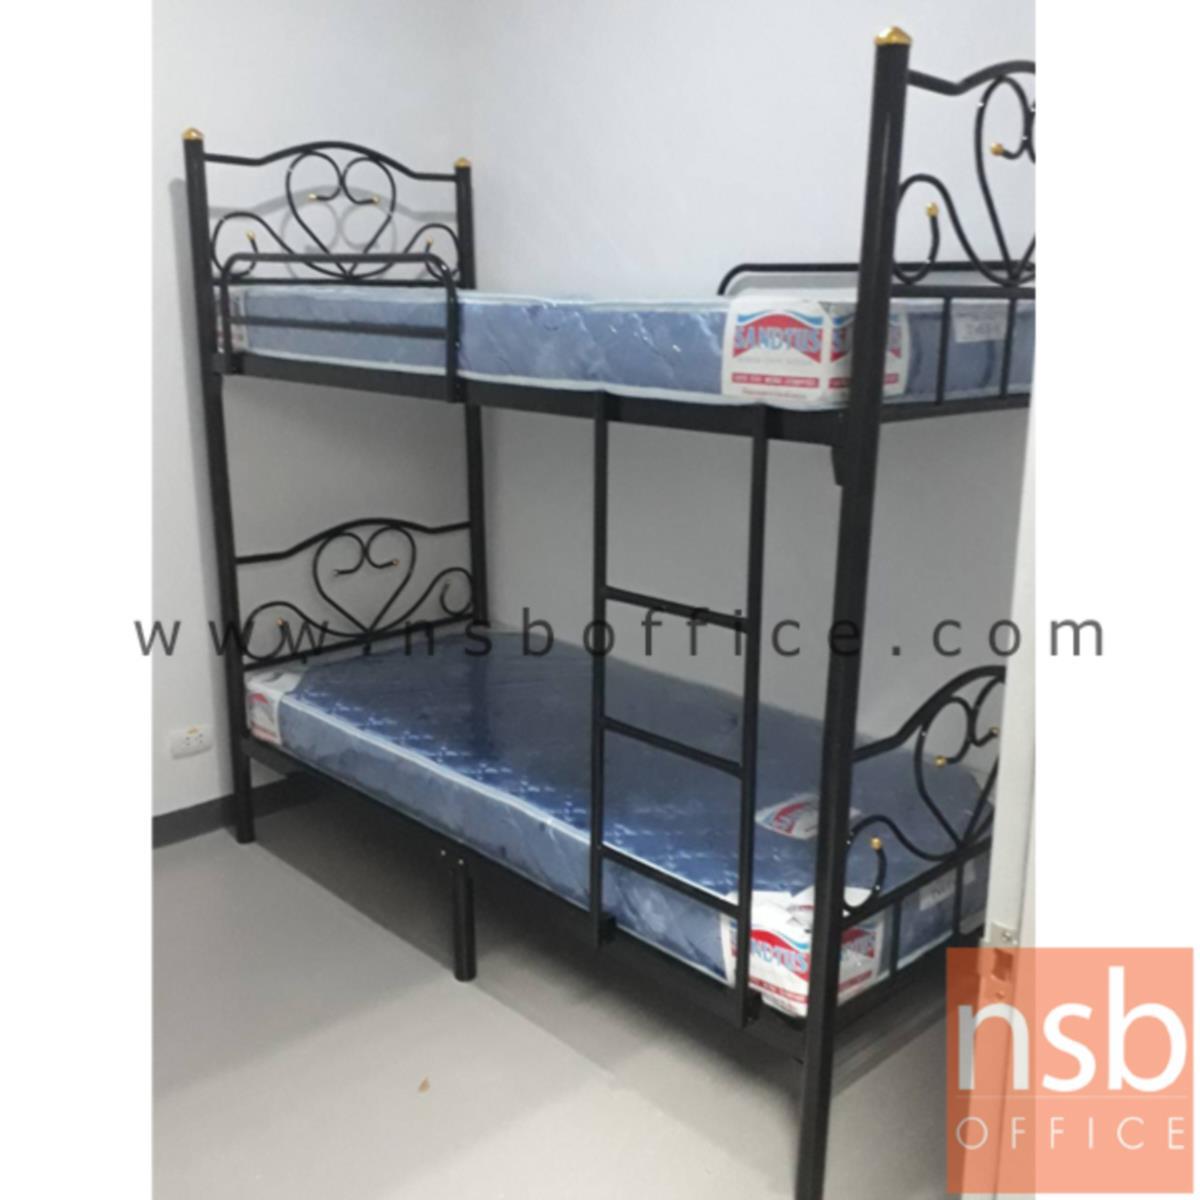 เตียงเหล็ก 2 ชั้น ขนาด 3 ฟุตครึ่ง   หนาพิเศษ 0.9 mm สีดำ